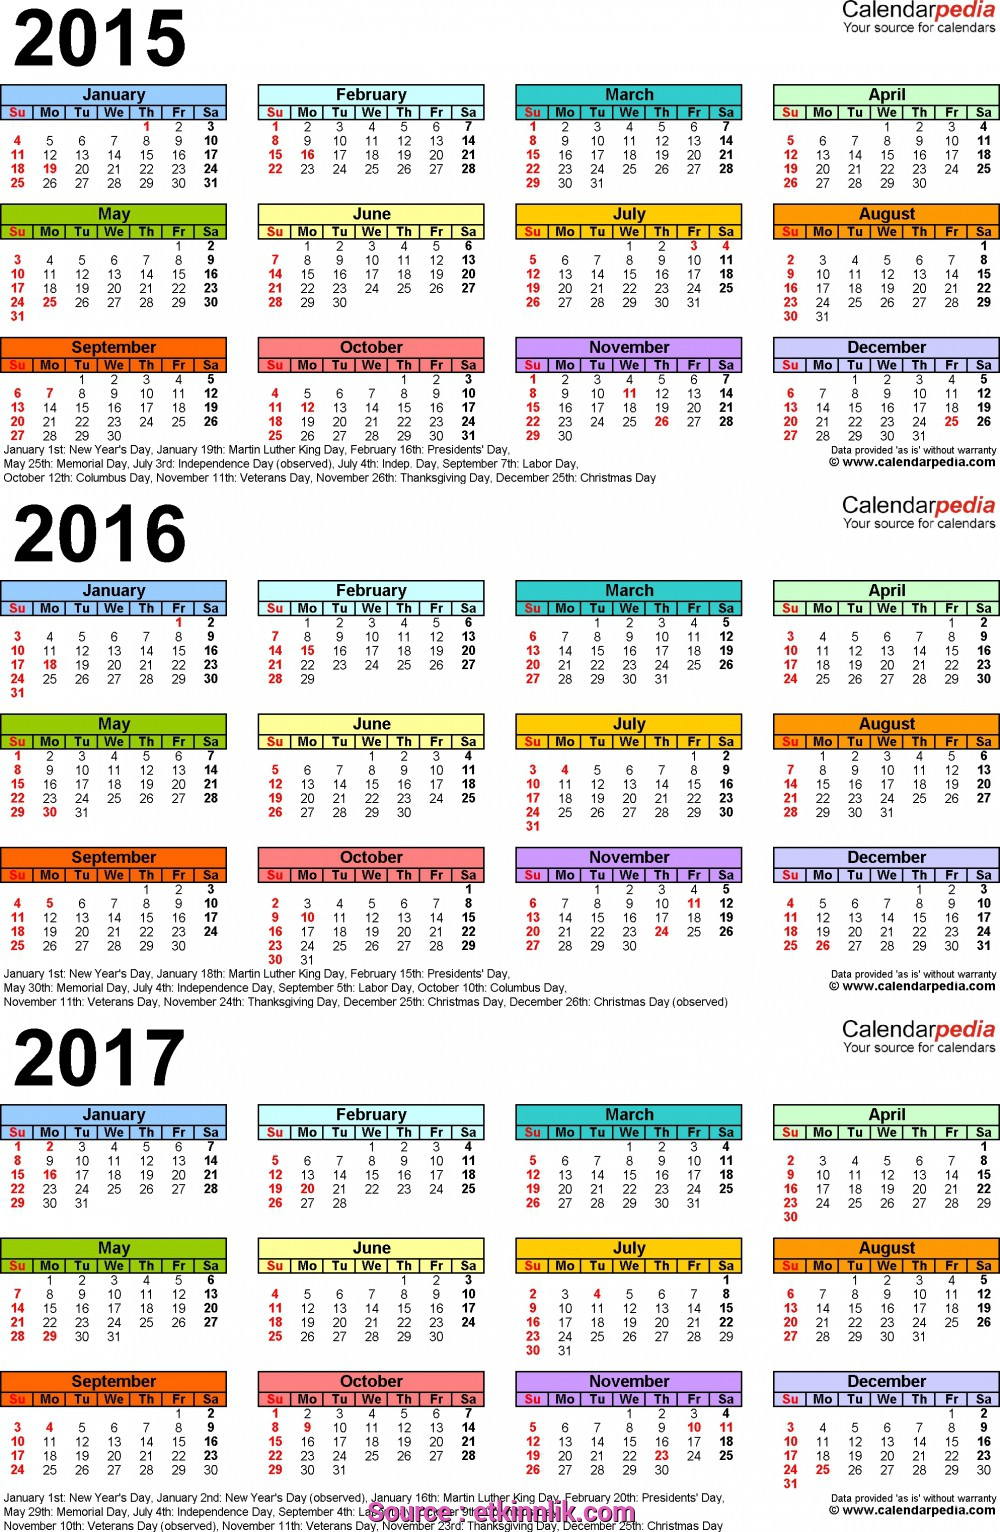 Bangla Calendar 2015 | Calendar For Planning throughout React Native Calendar Agenda Example